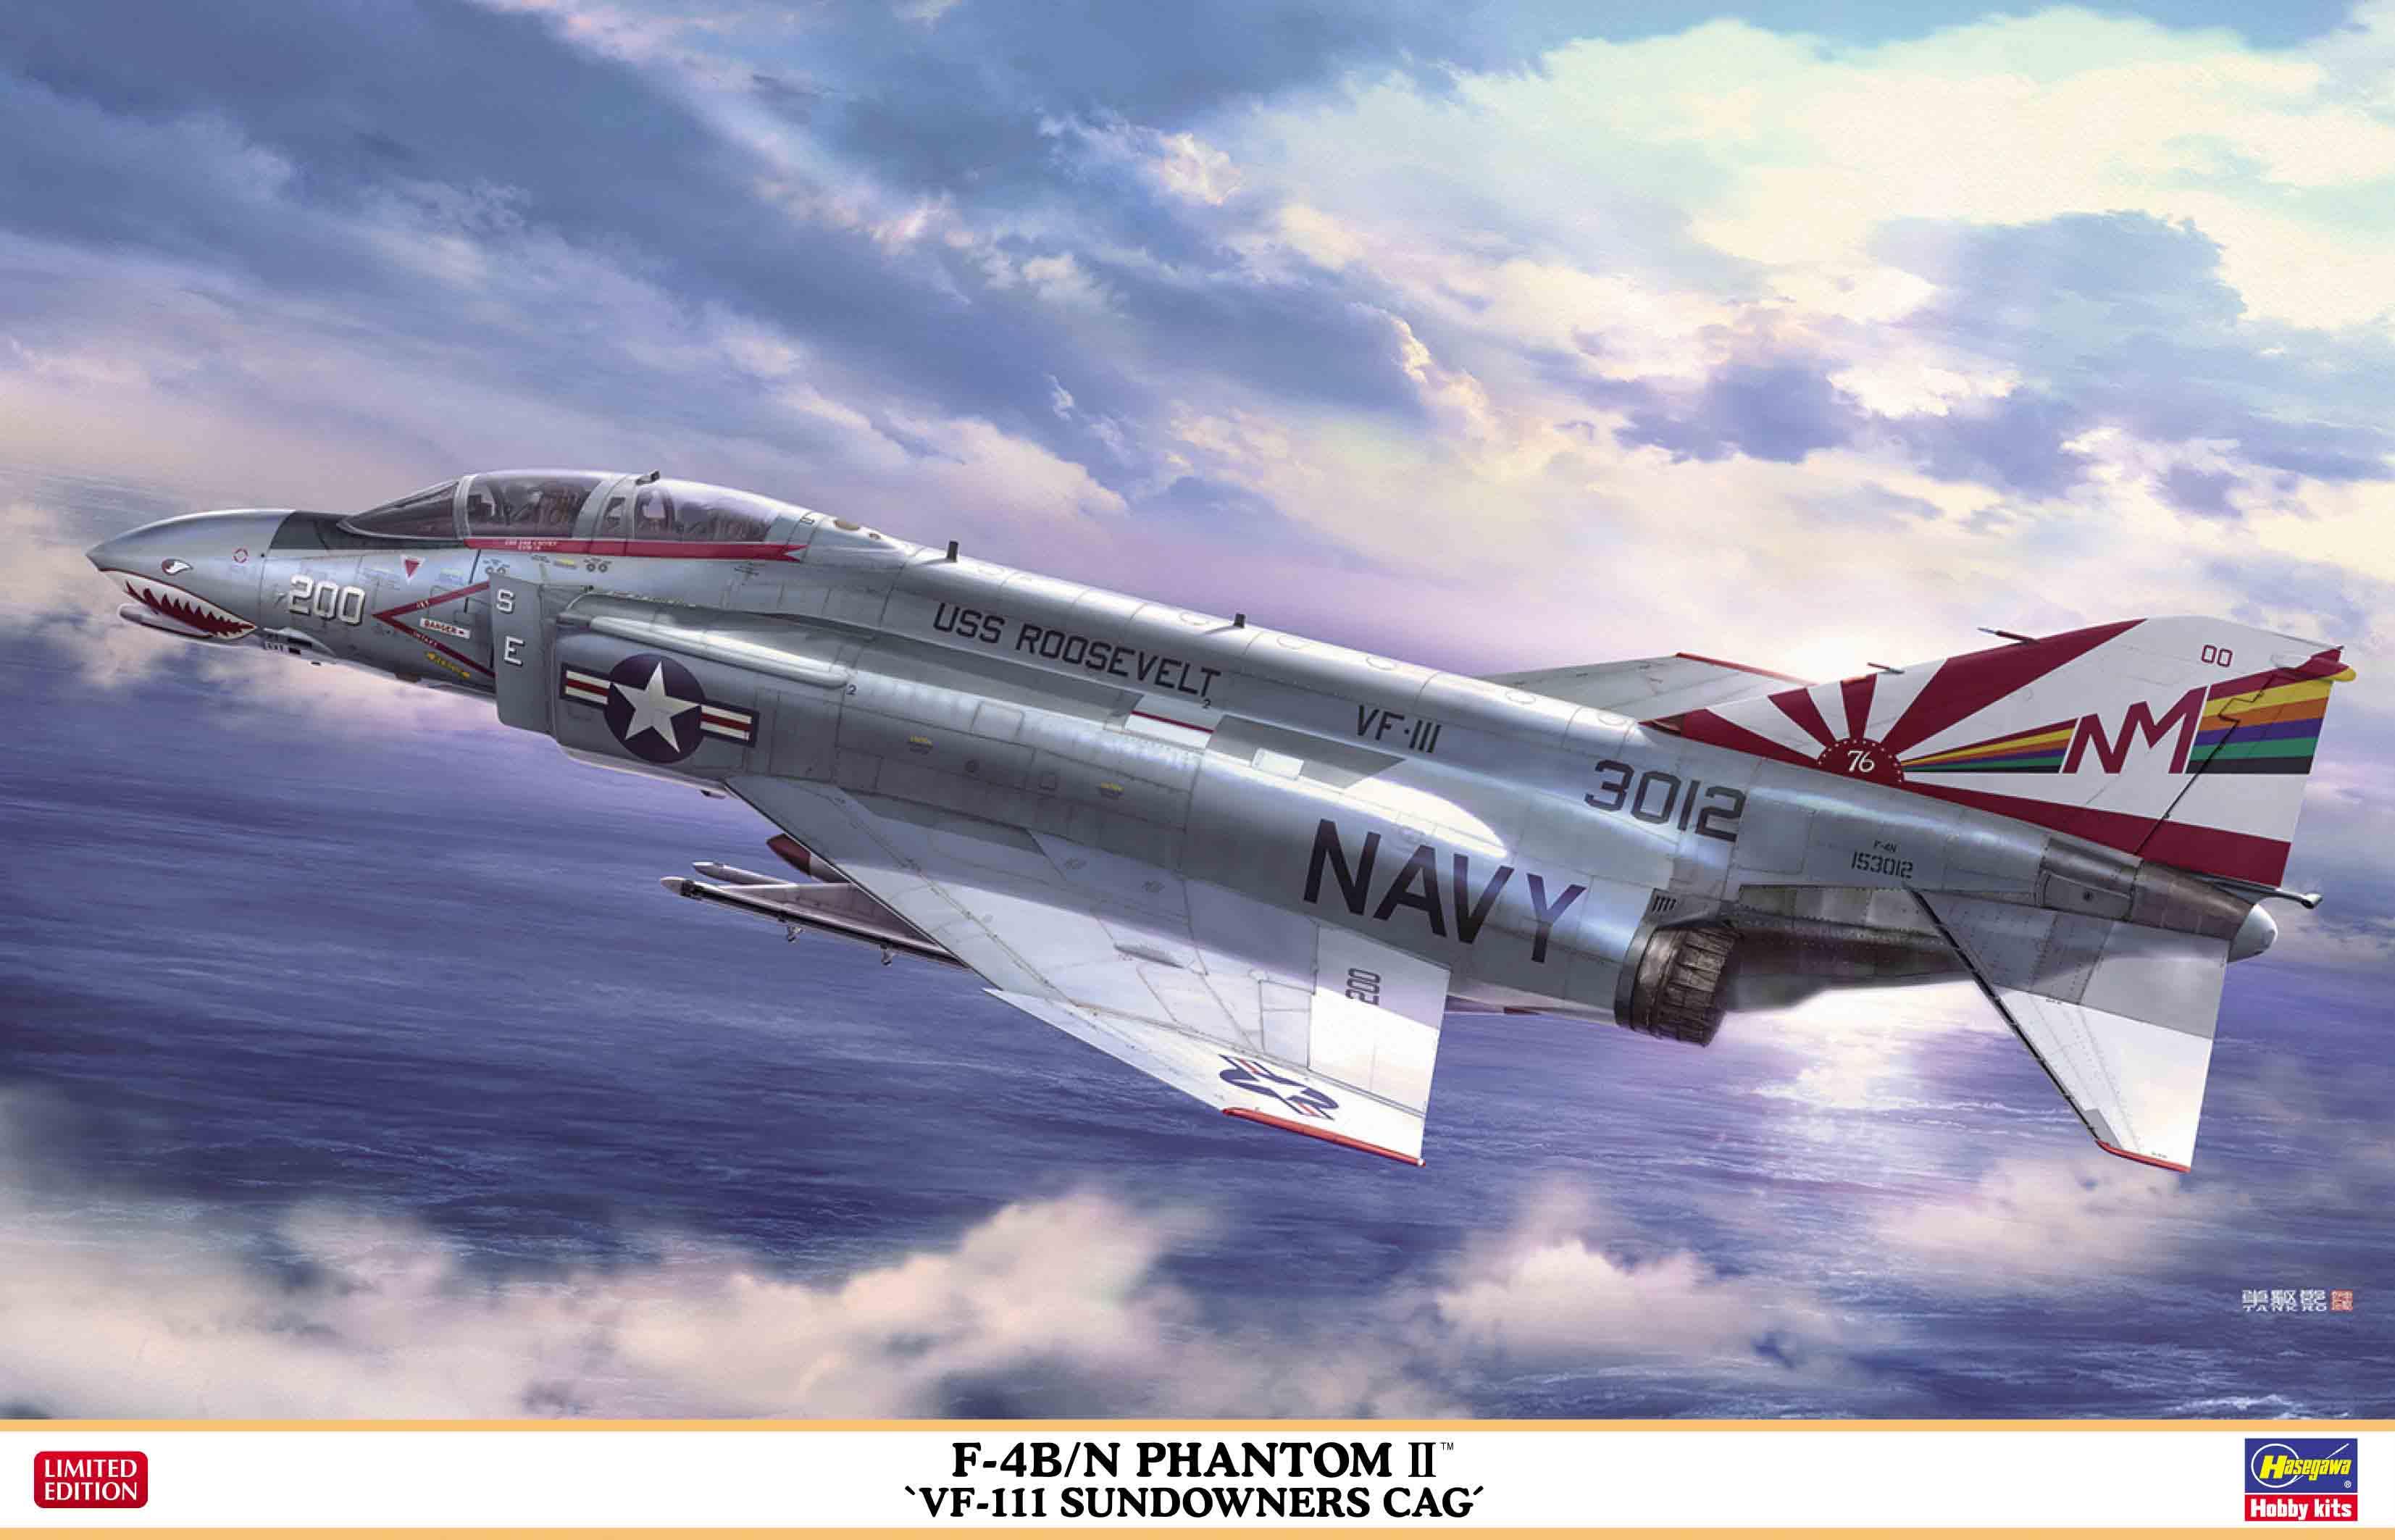 """Hasegawa 1/48 F-4B/N Phantom II """"VF-111 Sundowners Cag"""""""